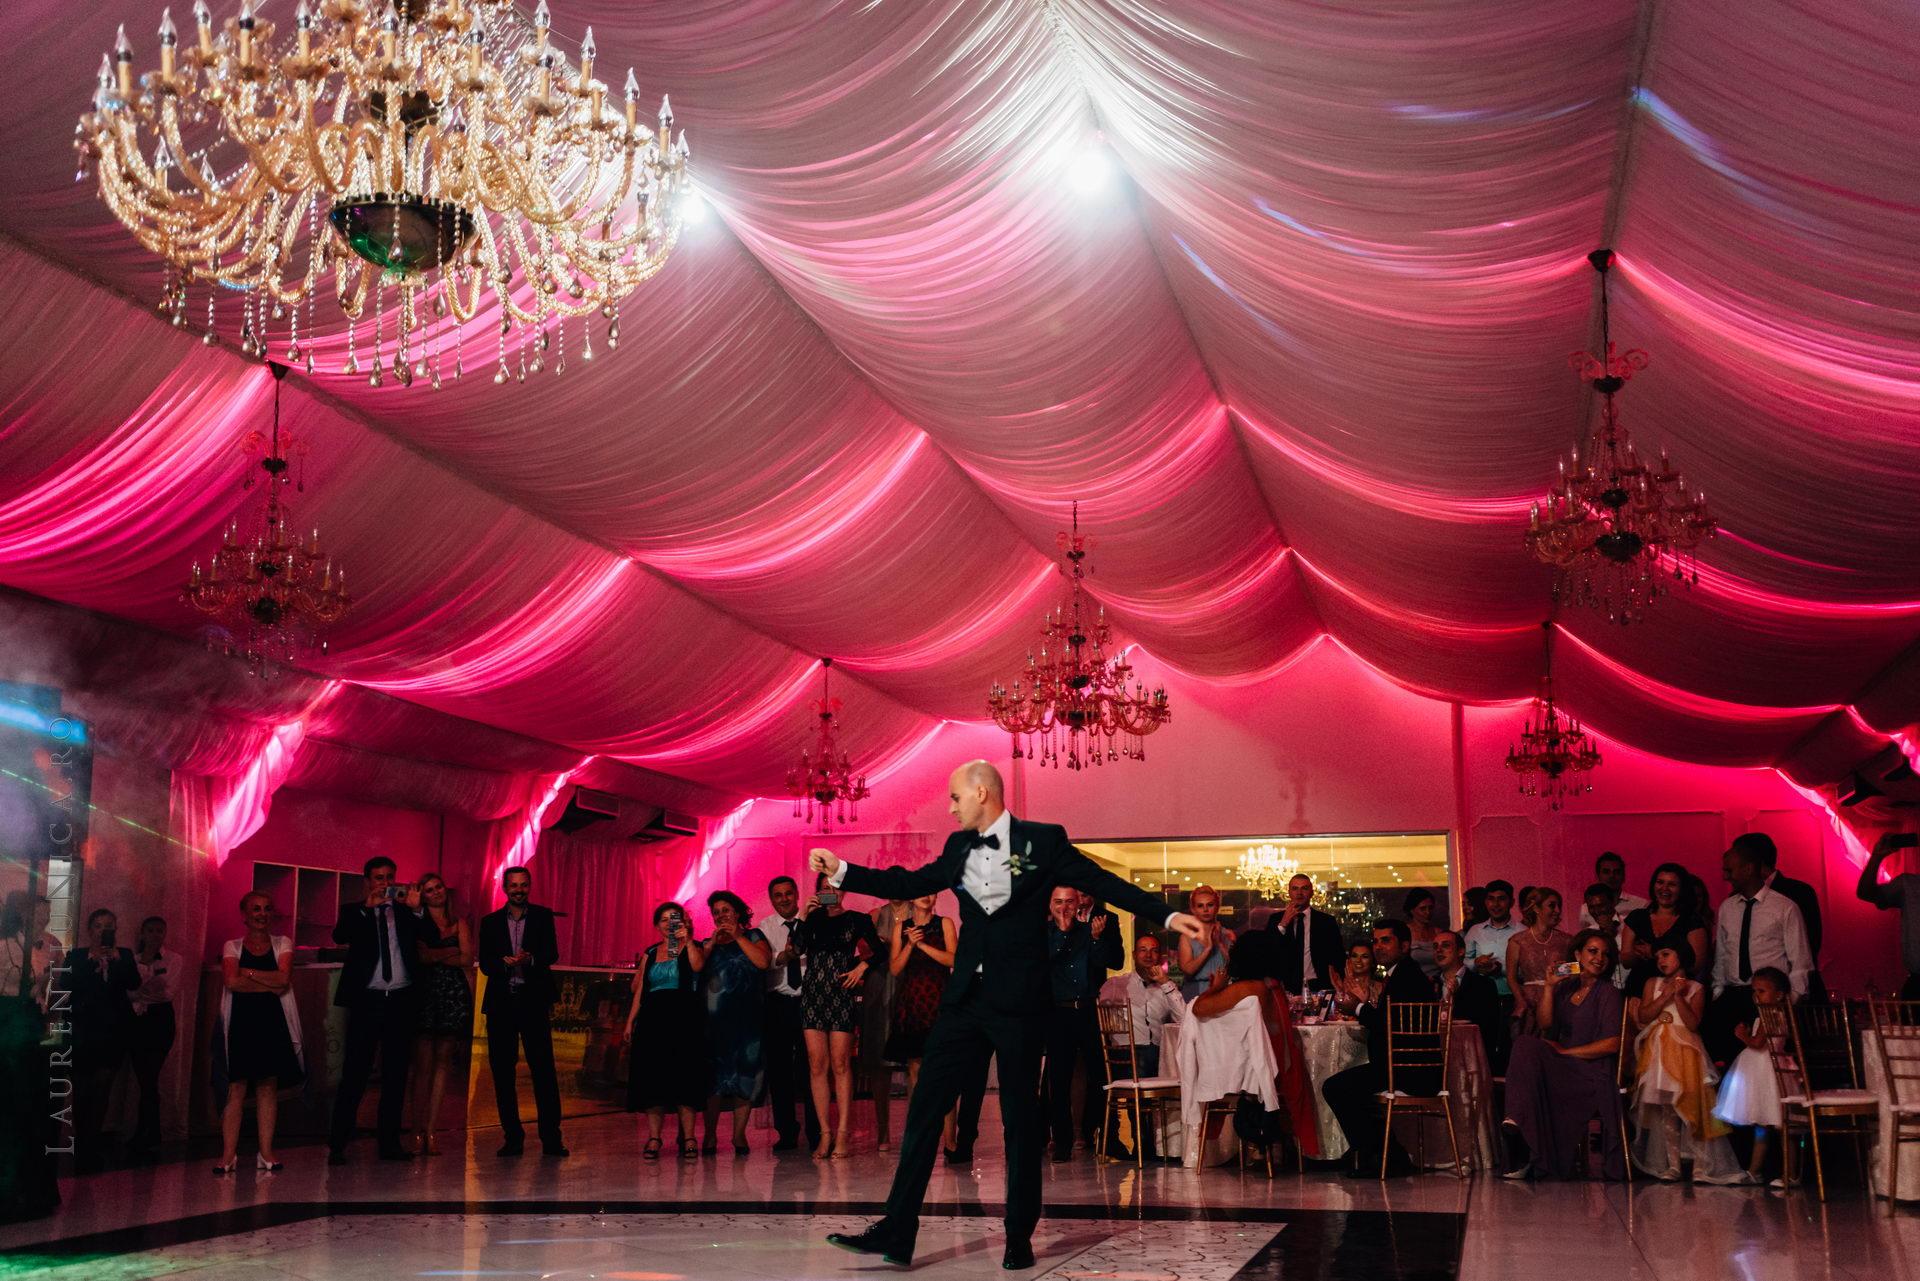 lavinia si adi fotograf laurentiu nica craiova 063 - Lavinia & Adi | Fotografii nunta